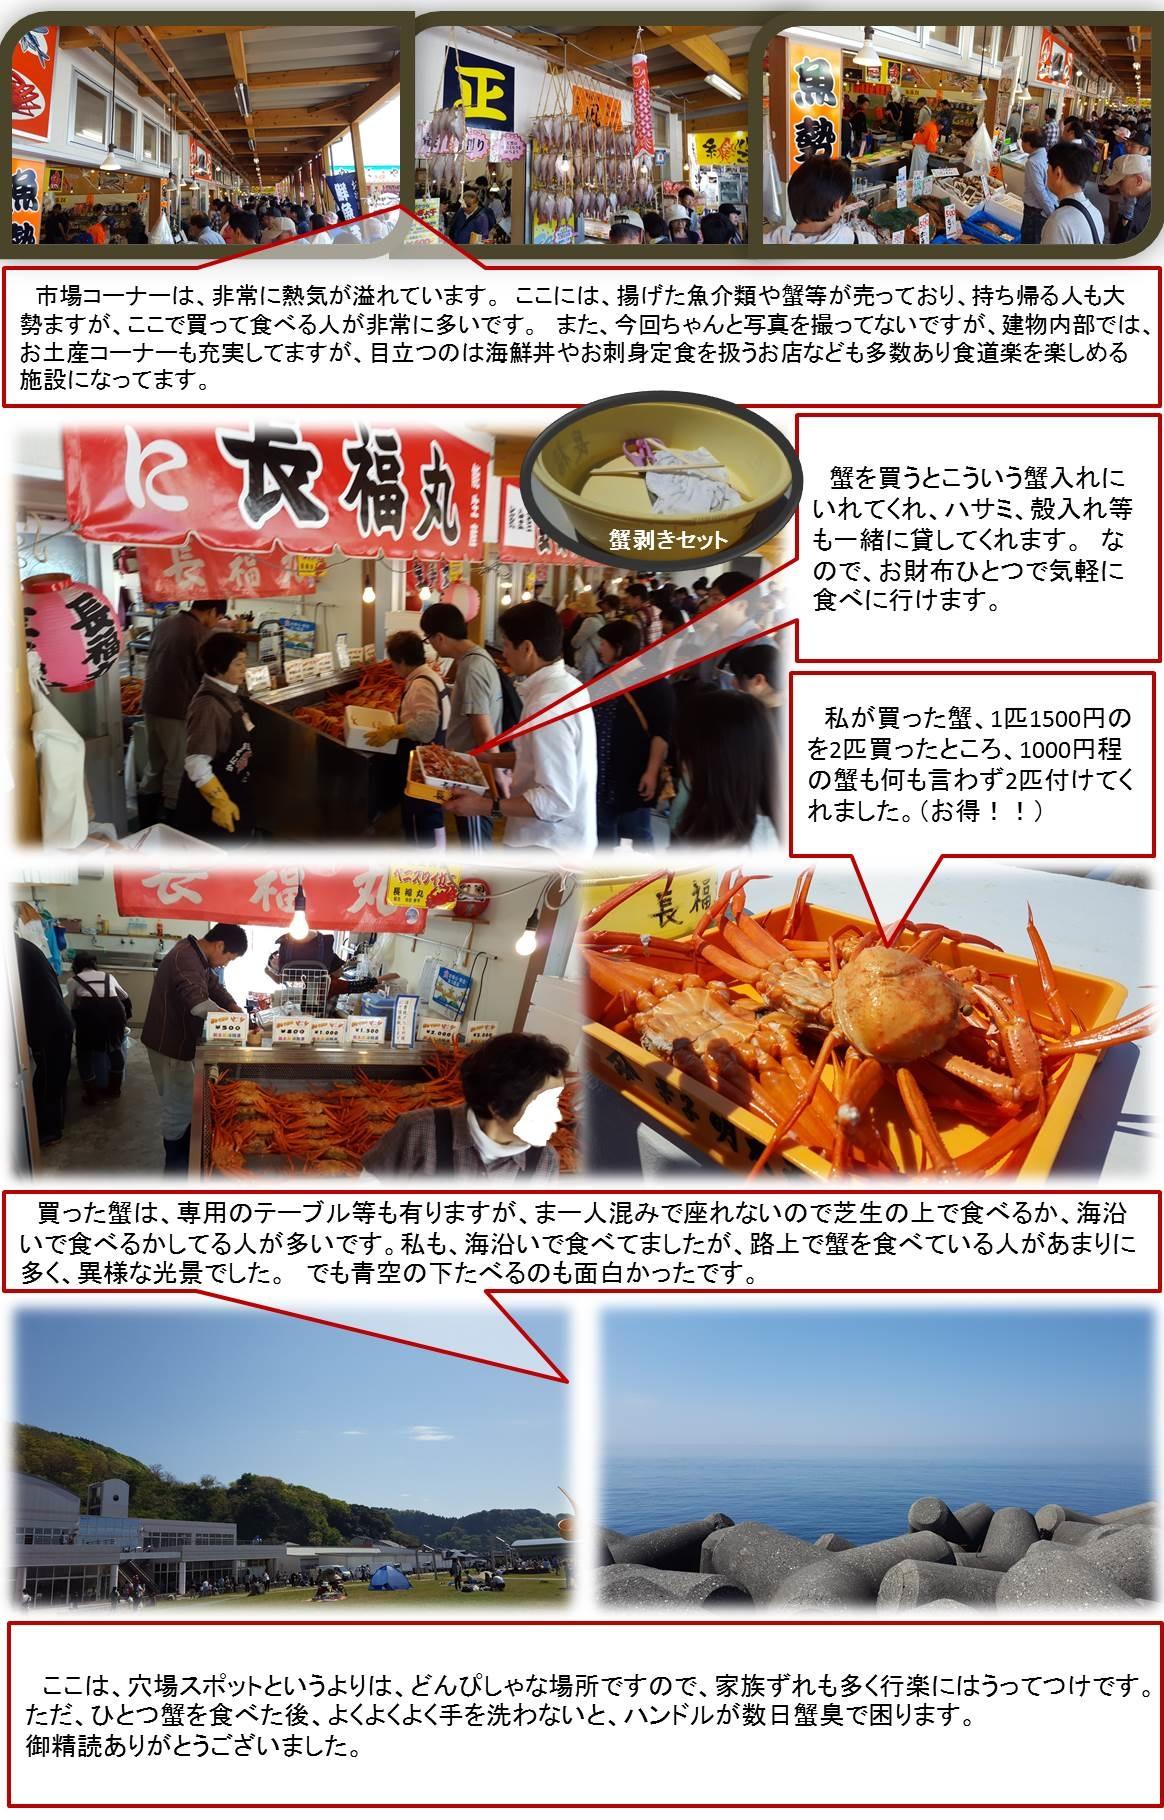 市場コーナーは、非常に熱気が溢れています。 ここには、揚げた魚介類や蟹等が売っており、持ち帰る人も大勢ますが、ここで買って食べる人が非常に多いです。 また、今回ちゃんと写真を撮ってないですが、建物内部では、お土産コーナーも充実してますが、目立つのは海鮮丼やお刺身定食を扱うお店なども多数あり食道楽を楽しめる施設になってます。  蟹を買うとこういう蟹入れにいれてくれ、ハサミ、殻入れ等も一緒に貸してくれます。 なので、お財布ひとつで気軽に食べに行けます。 私が買った蟹、1匹1500円のを2匹買ったところ、1000円程の蟹も何も言わず2匹付けてくれました。(お得!!) 買った蟹は、専用のテーブル等も有りますが、まー人混みで座れないので芝生の上で食べるか、海沿いで食べるかしてる人が多いです。私も、海沿いで食べてましたが、路上で蟹を食べている人があまりに多く、異様な光景でした。 でも青空の下たべるのも面白かったです。  ここは、穴場スポットというよりは、どんぴしゃな場所ですので、家族ずれも多く行楽にはうってつけです。ただ、ひとつ蟹を食べた後、よくよくよく手を洗わないと、ハンドルが数日蟹臭で困ります。御精読ありがとうございました。